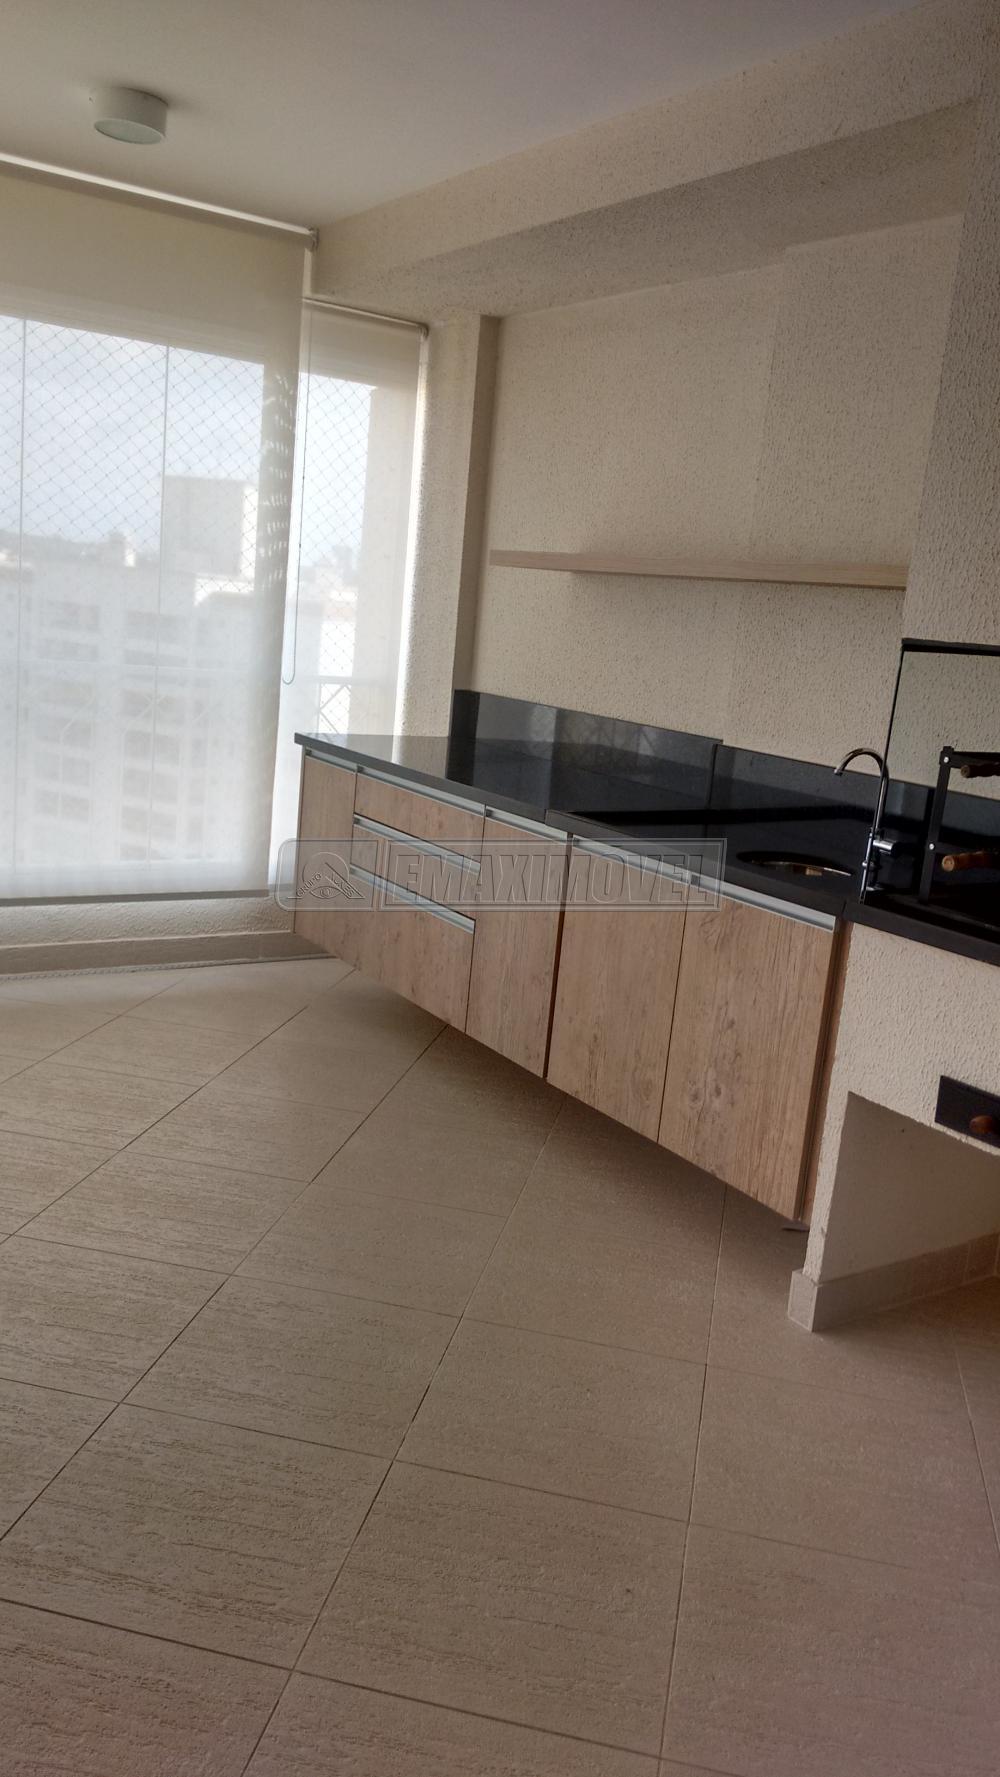 Comprar Apartamentos / Apto Padrão em Sorocaba apenas R$ 1.400.000,00 - Foto 29